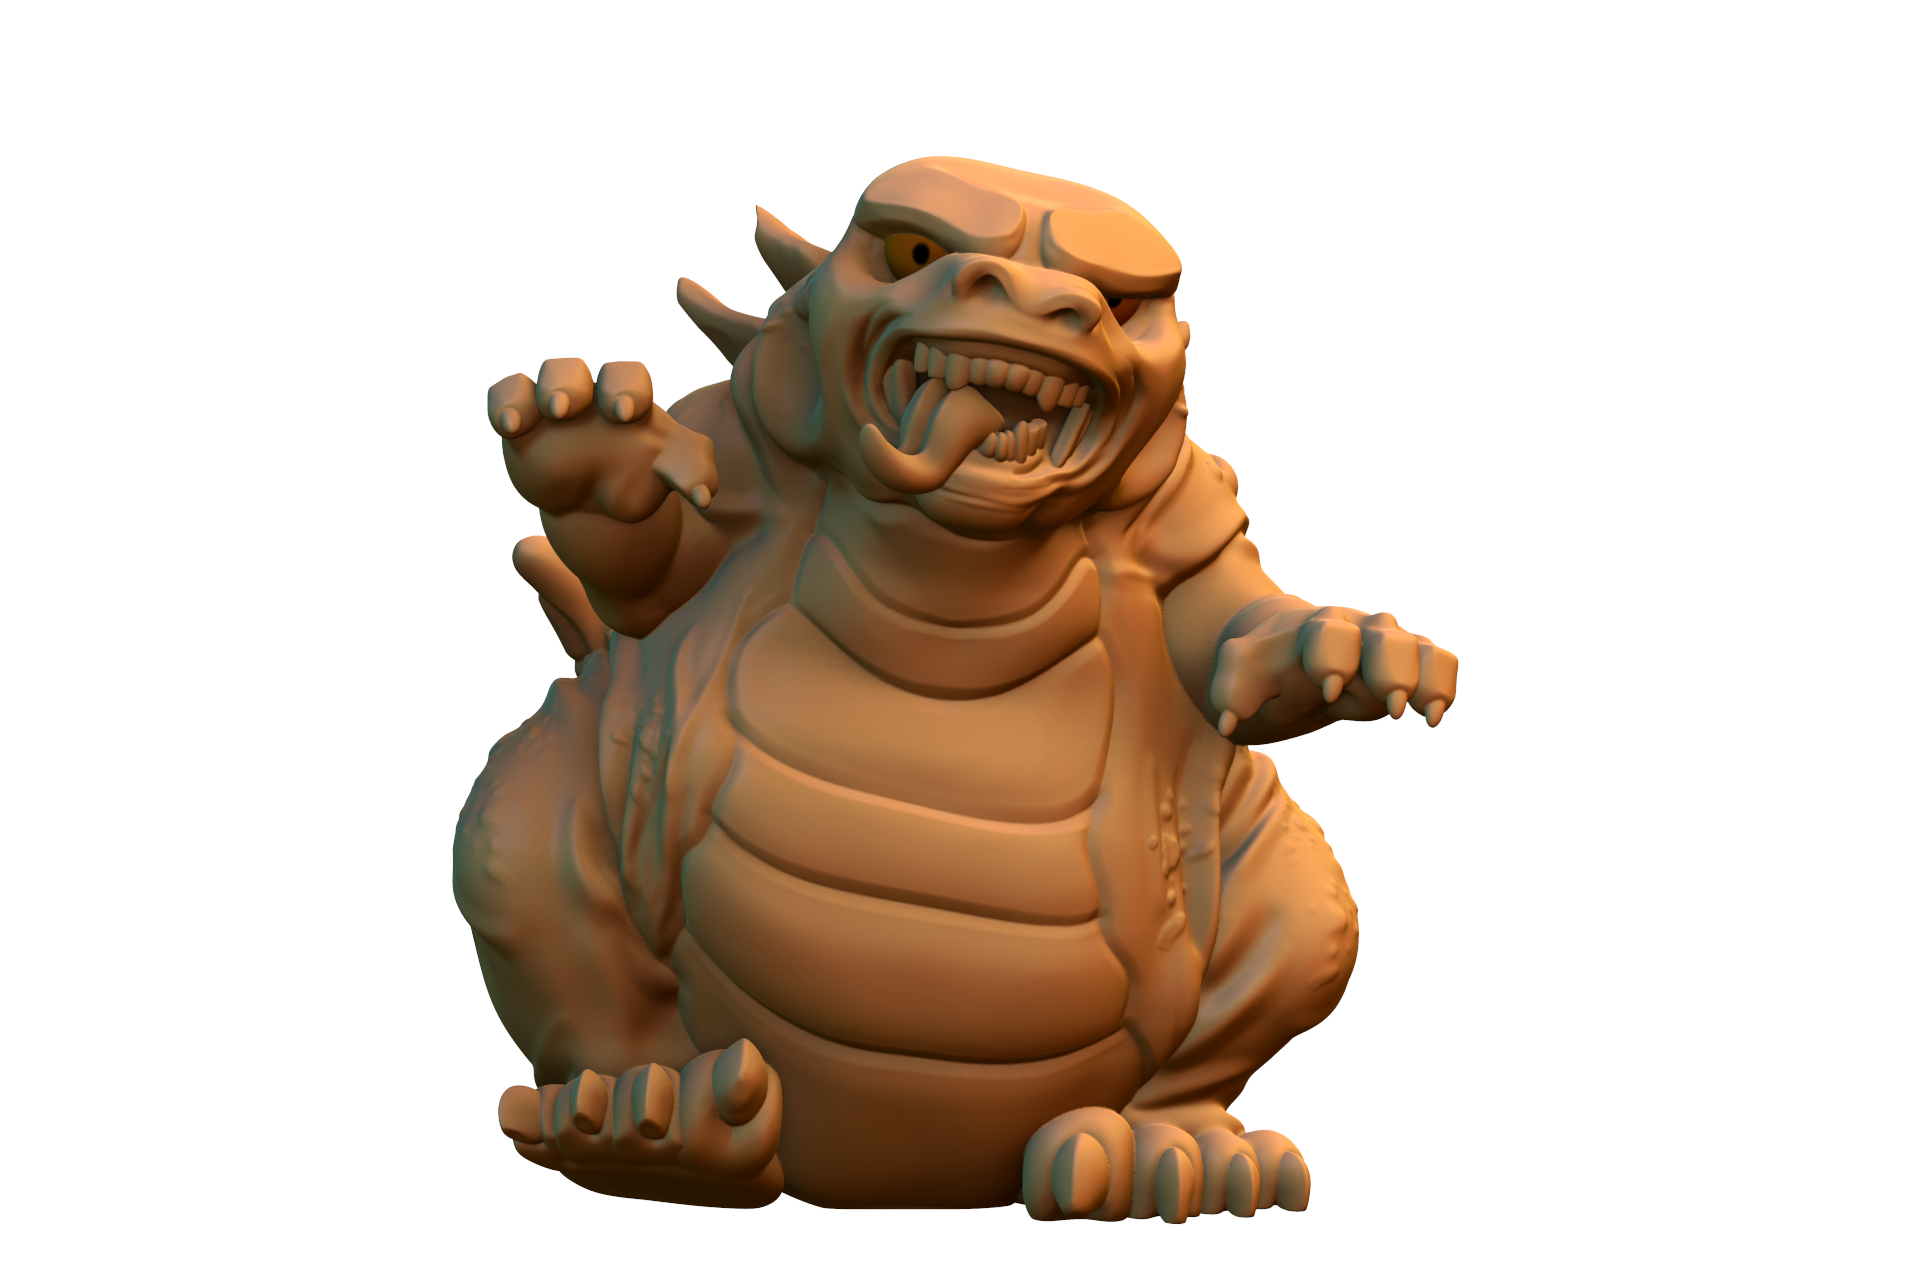 untitled.434.png Download free STL file Godlizard • 3D printable design, HeribertoValle